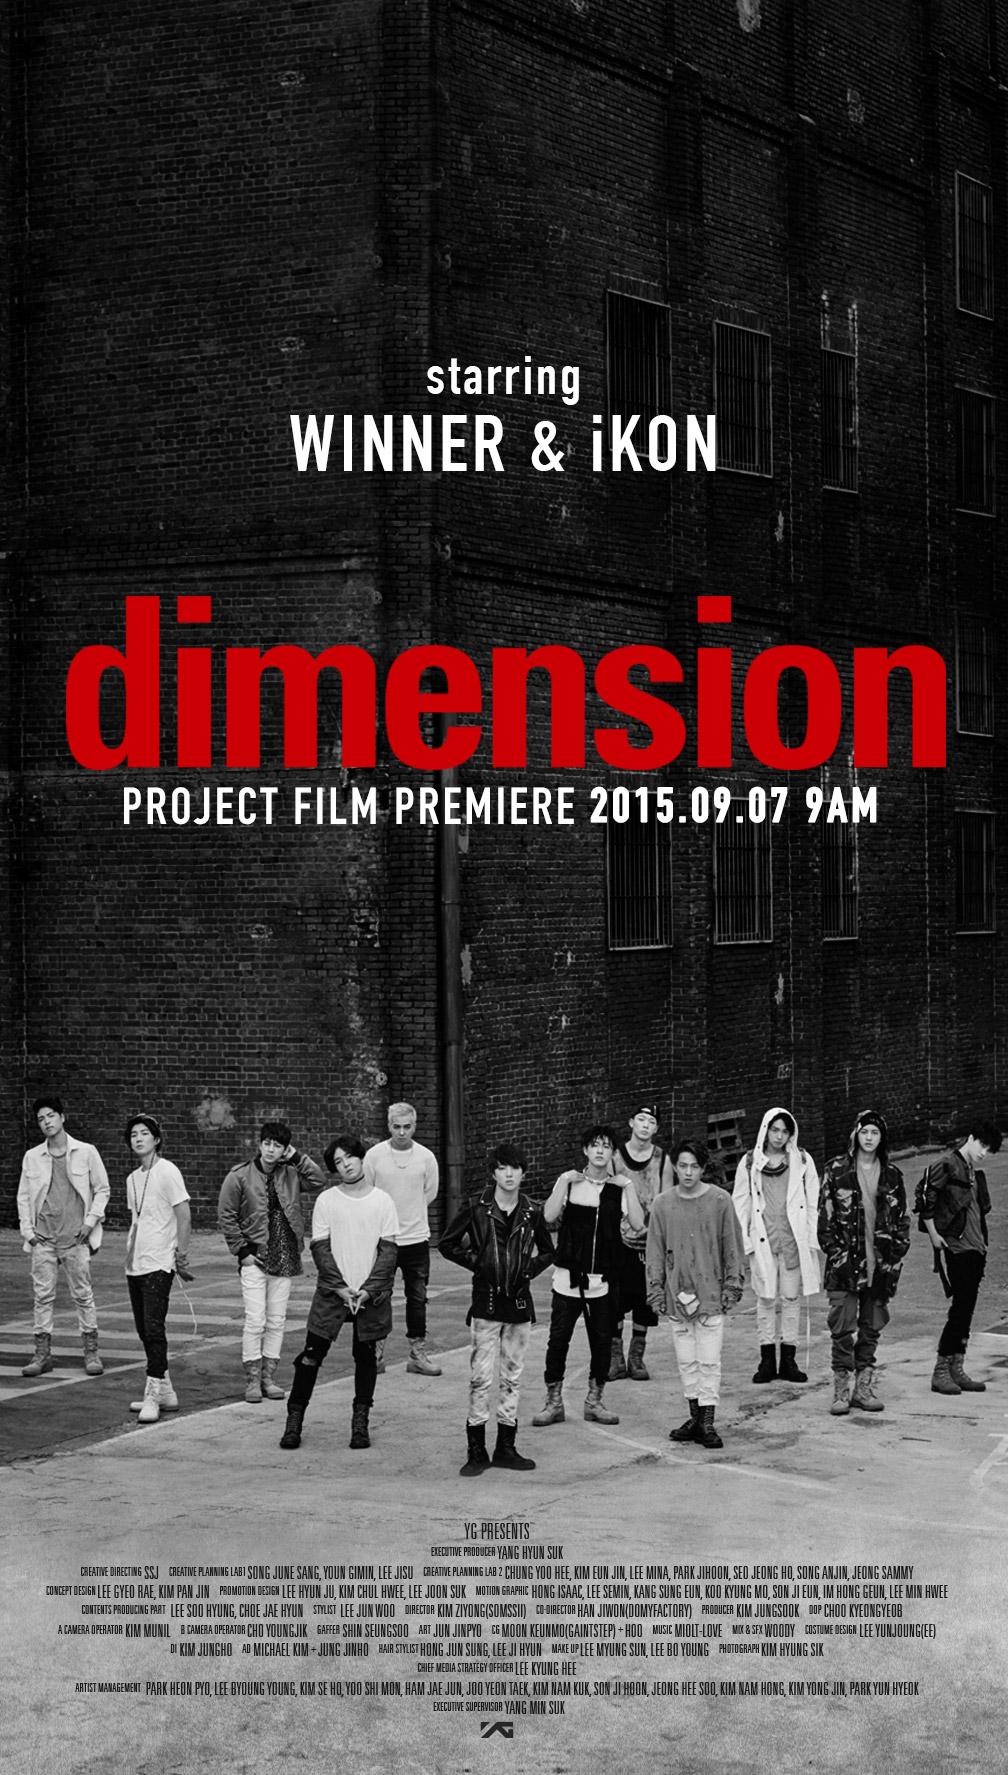 最近YG娛樂是出了ㄧ部短片,找來旗下倆個新男團WINNER與iKON出演,到底在搞什麼鬼呀?